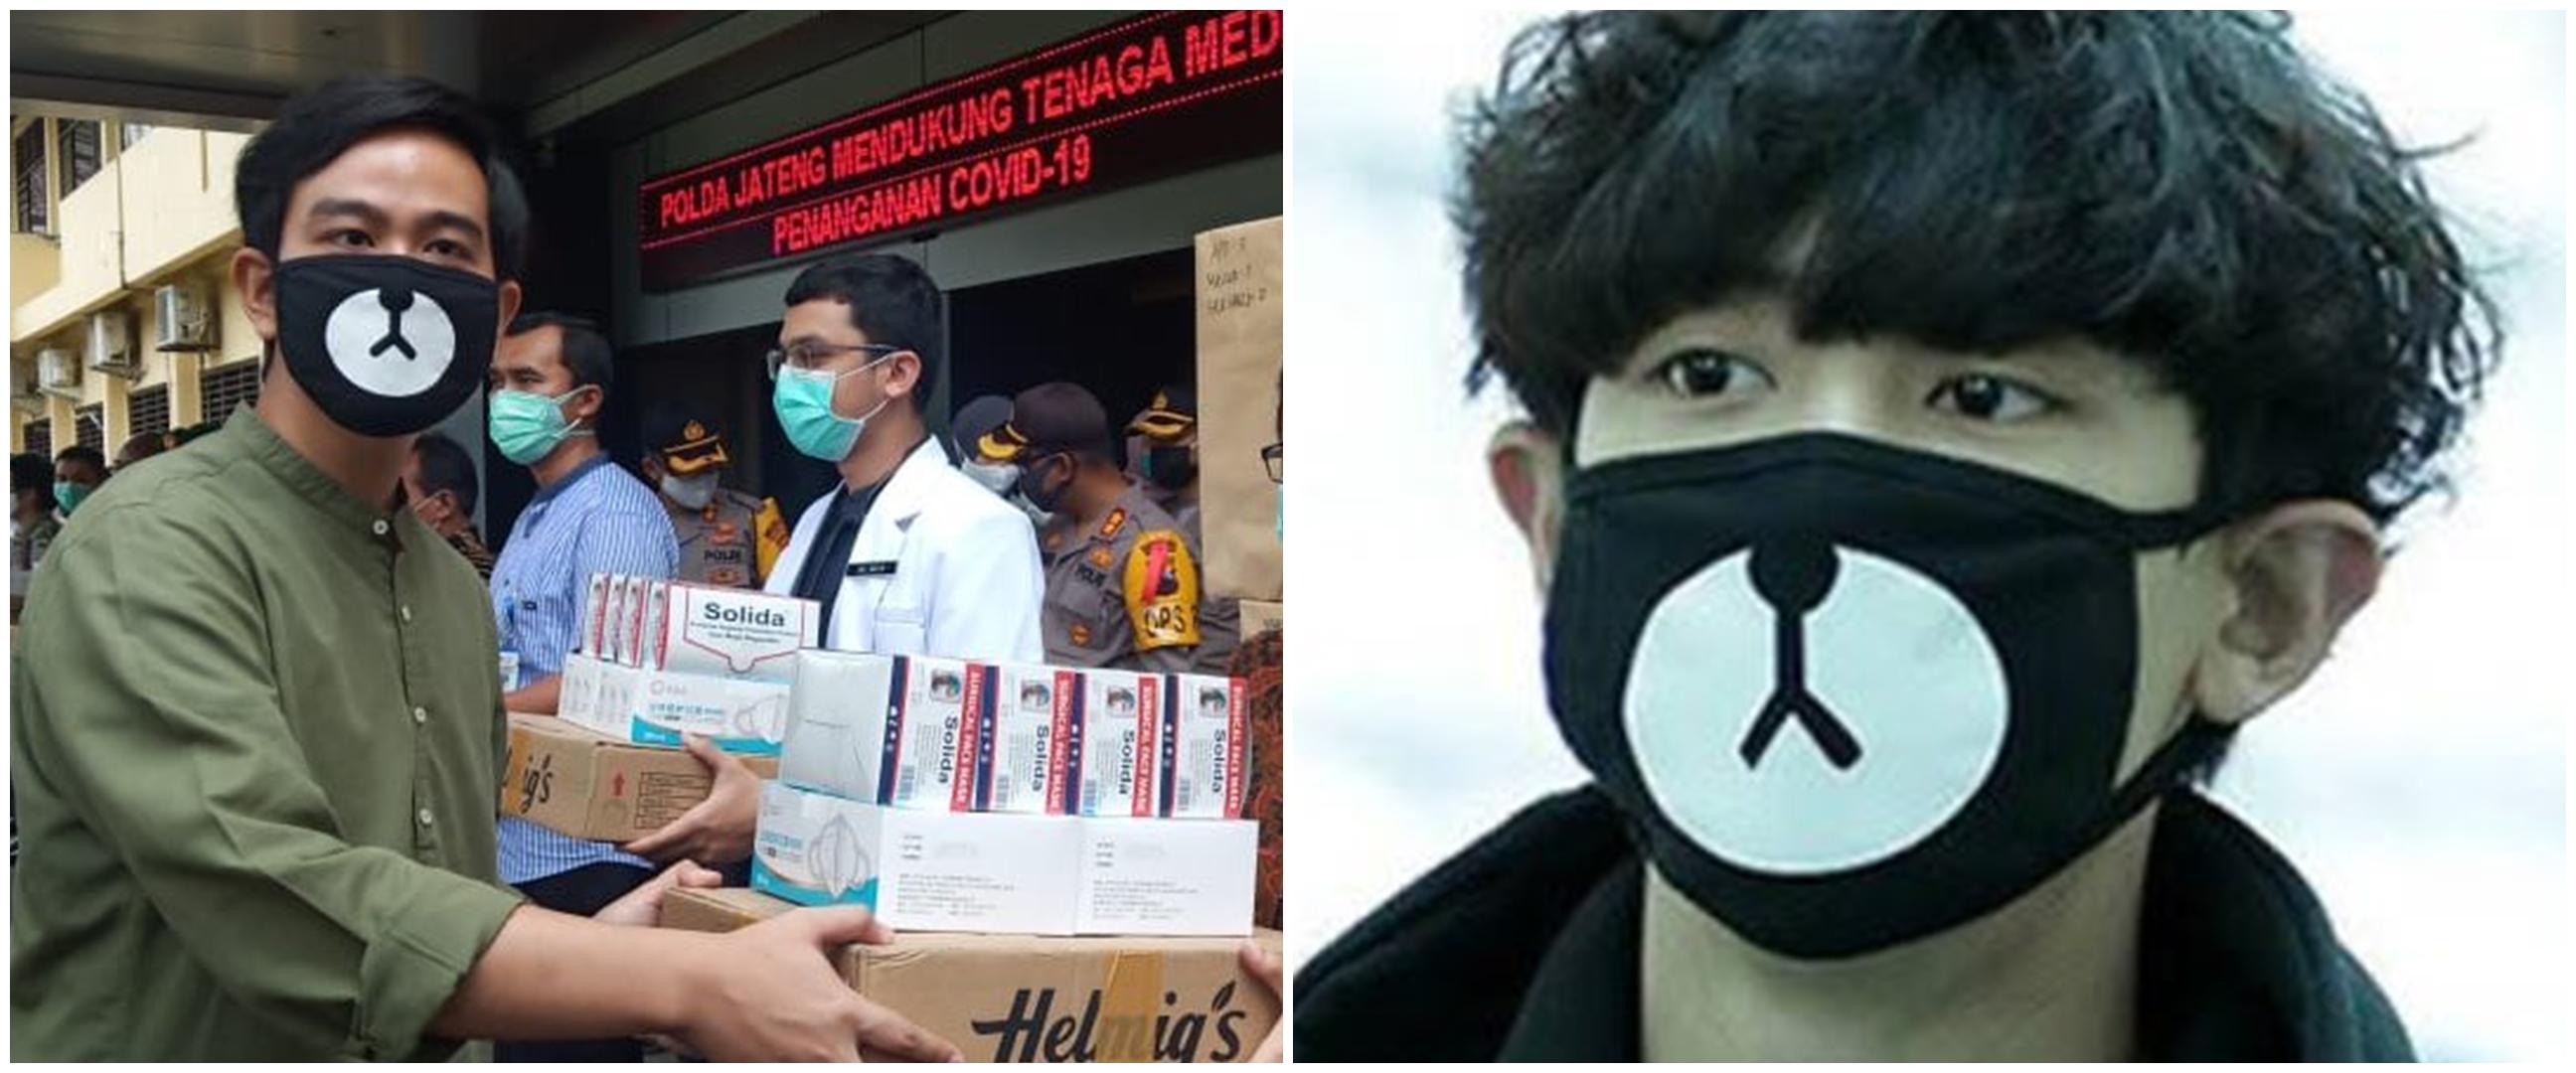 Gibran Rakabuming pakai masker Chanyeol EXO, ini reaksi Kaesang